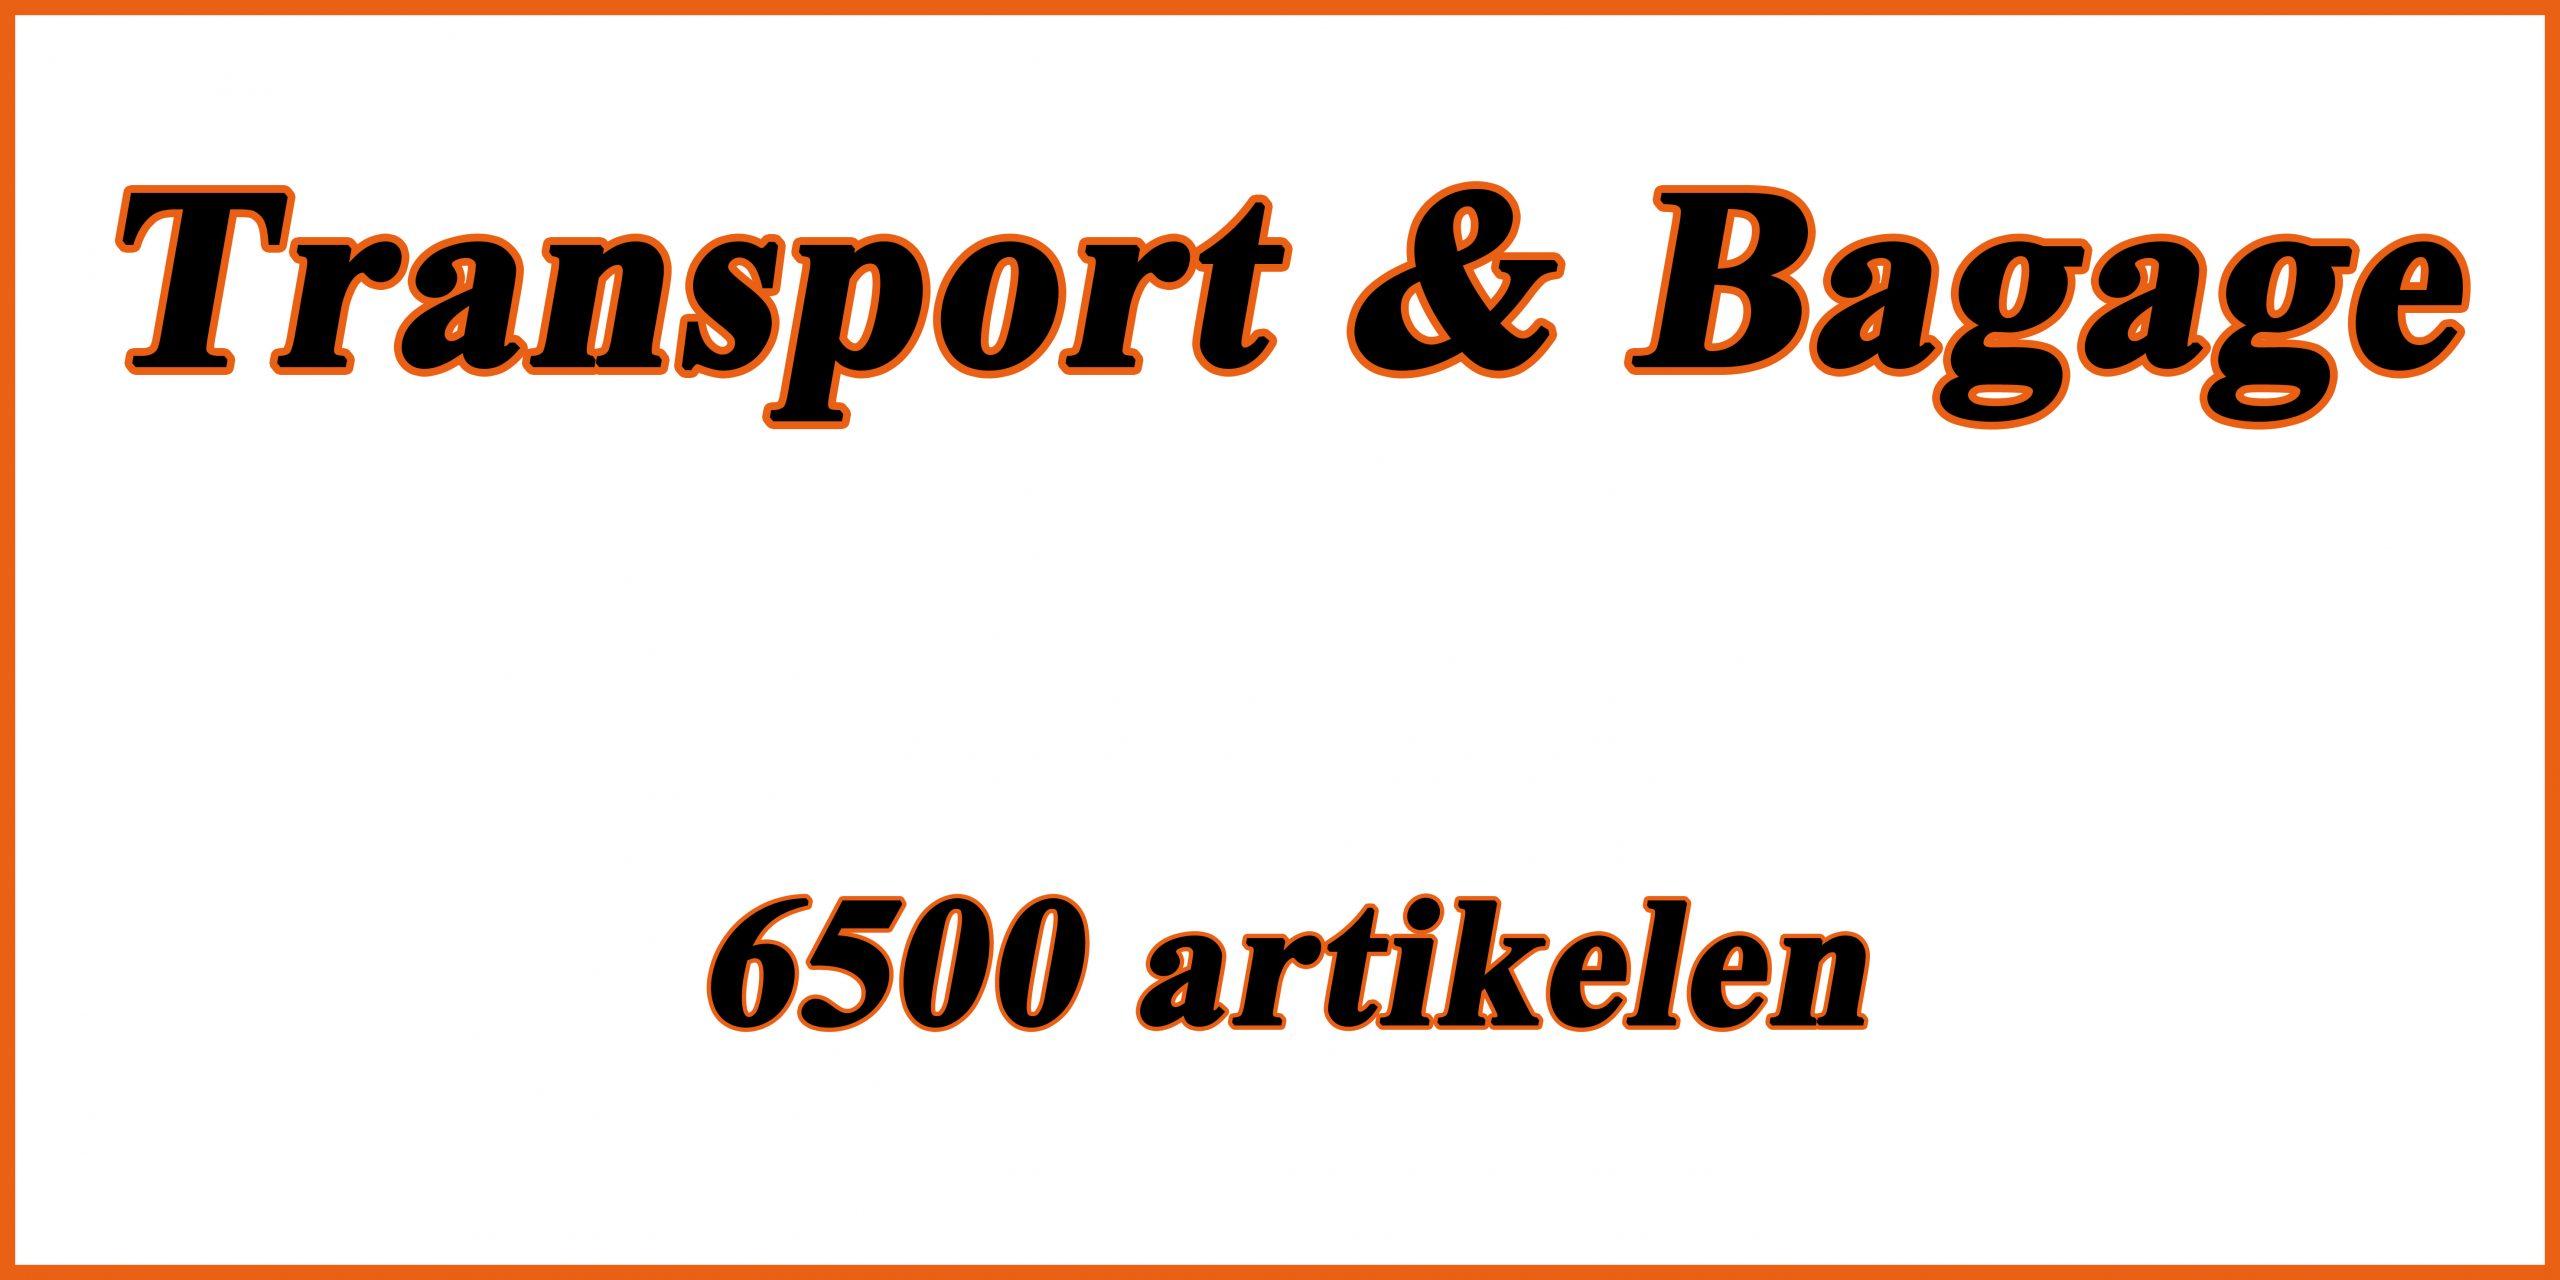 Catalogus Auto en motor: Transport & Bagage